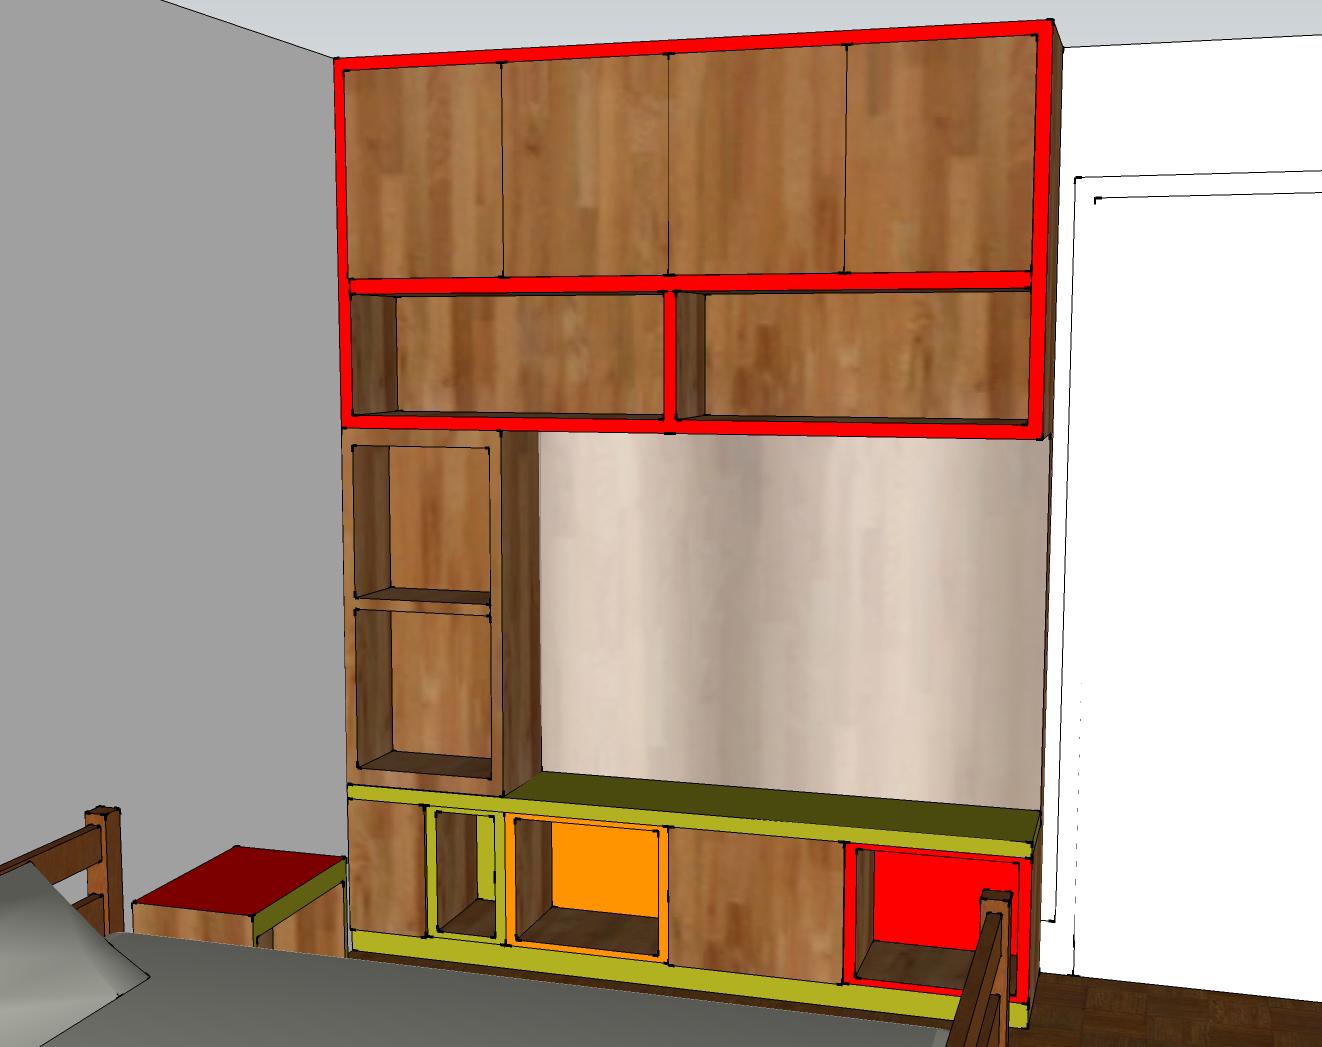 Chambre à coucher – arlinea architecture